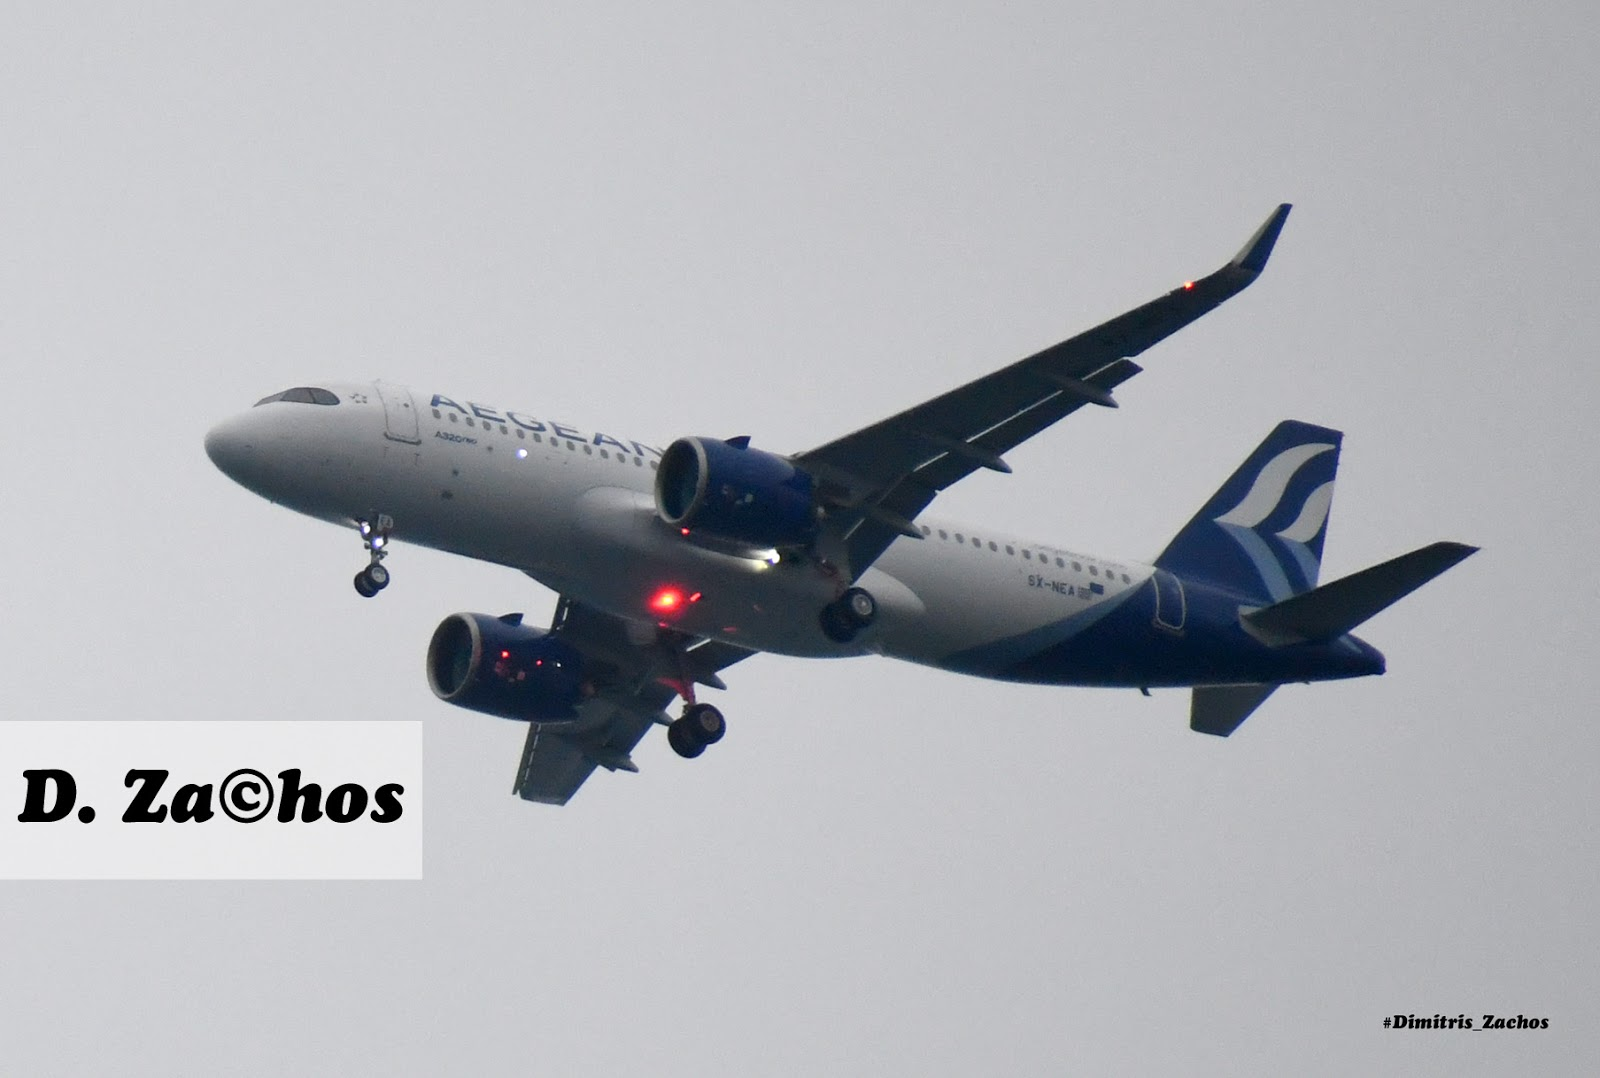 Το παρθενικό ταξίδι του ολοκαίνουριου αεροσκάφους A320 neo της  Aegean Airlines μέσα απο τον φακό του Δημήτρη Ζάχου (φώτο βίντεο)